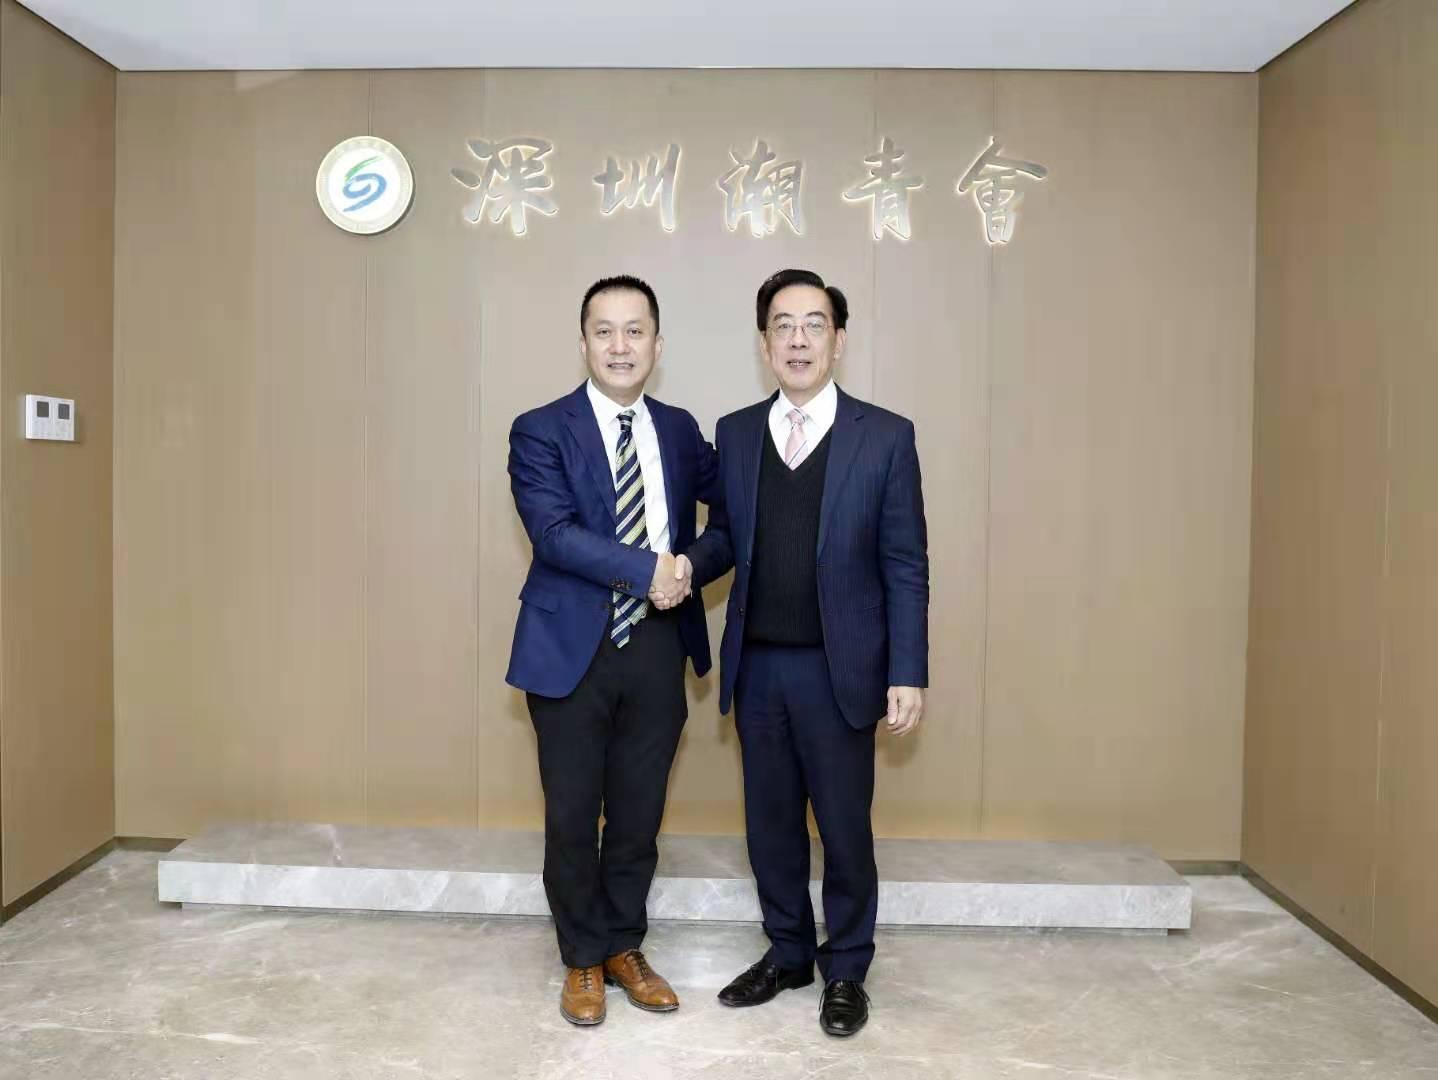 蔡少偉副會長(右)與陳國雄主席